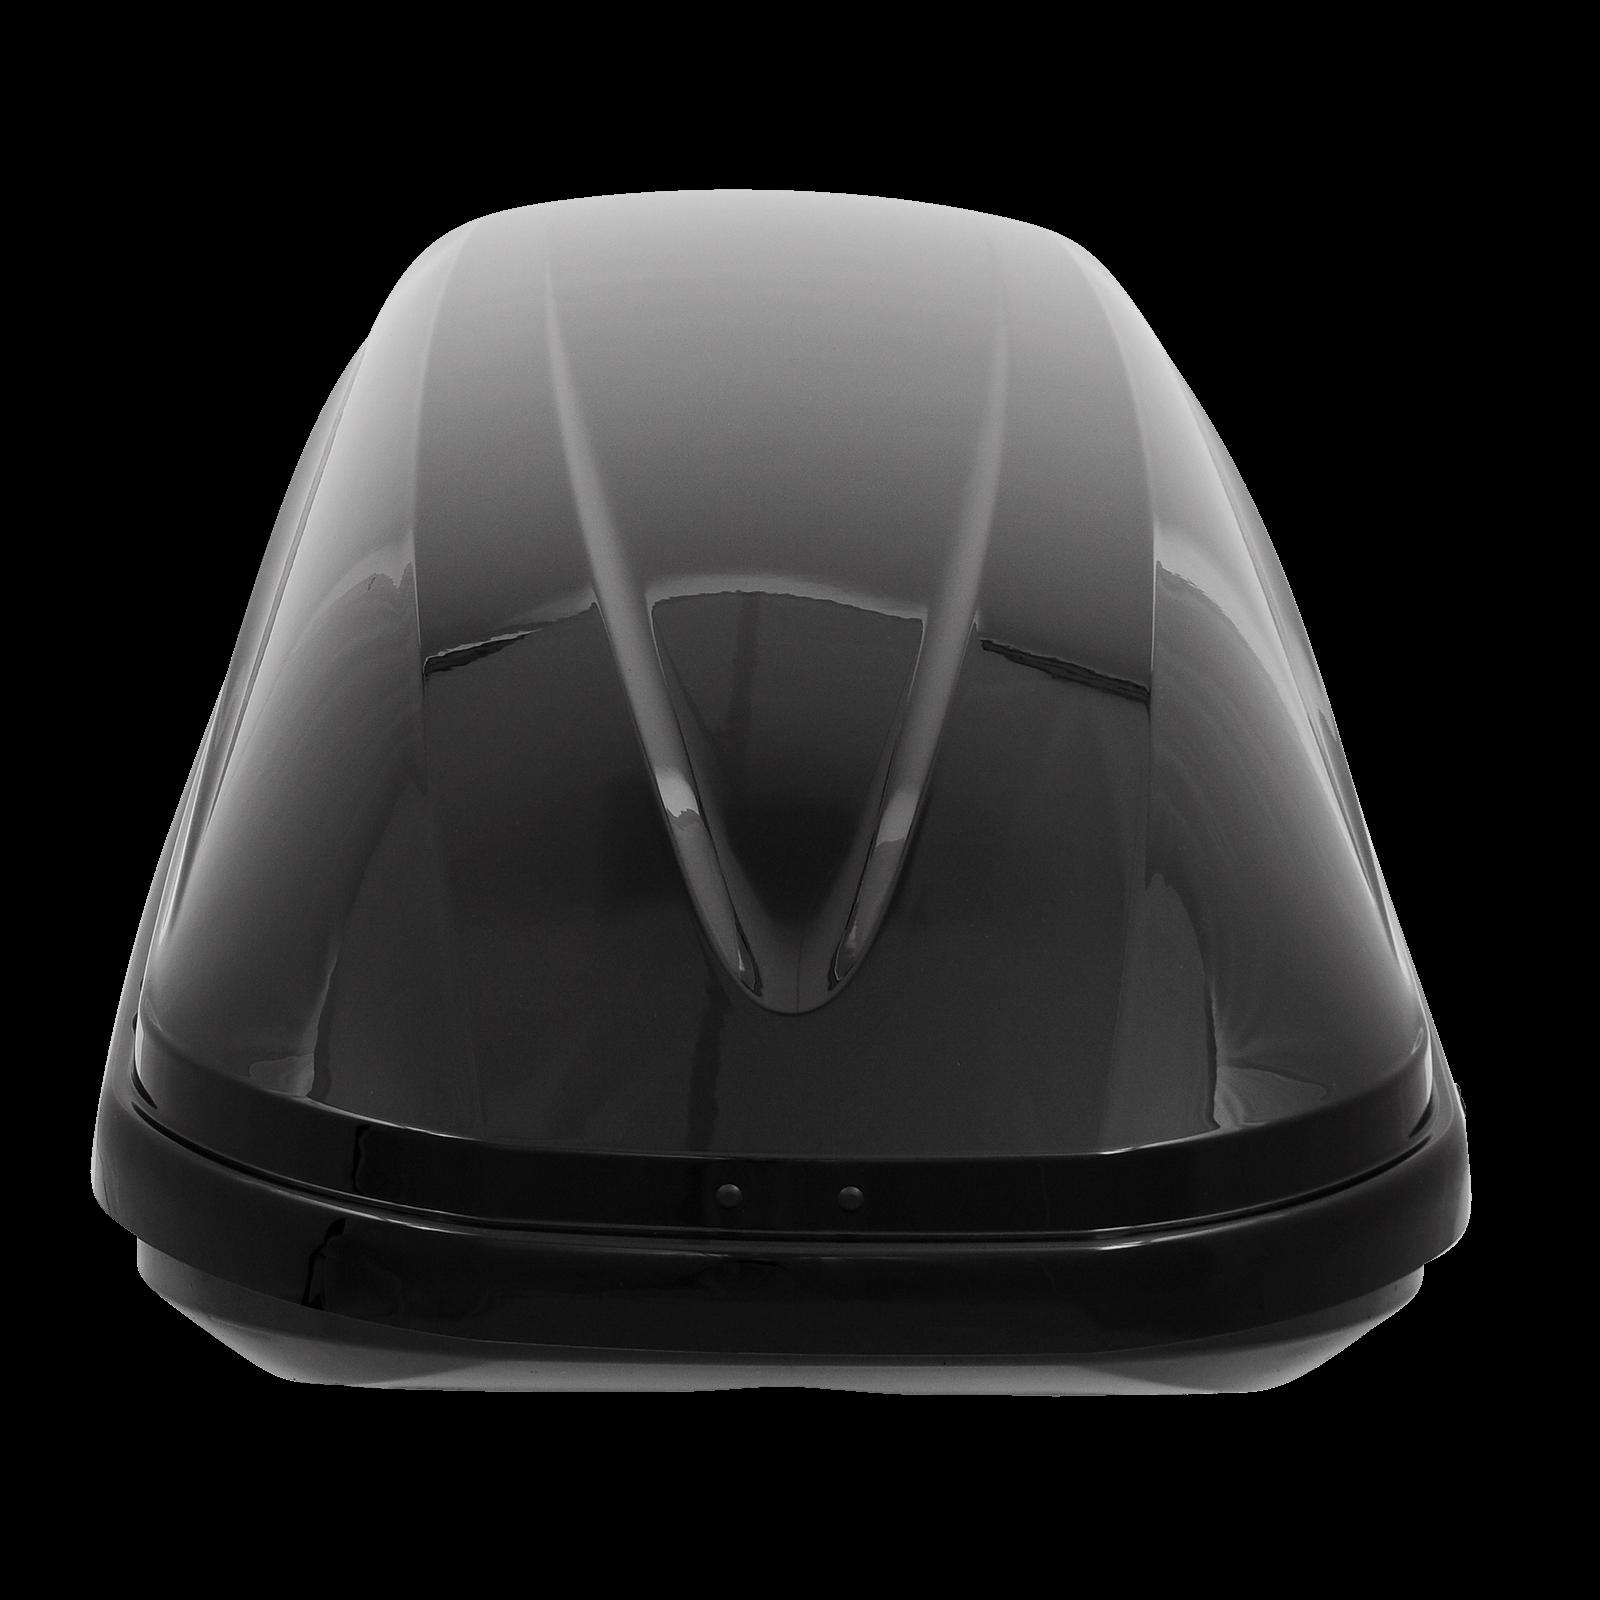 Dachbox Jetbag 80 Family schwarz glänzend - Bild 3